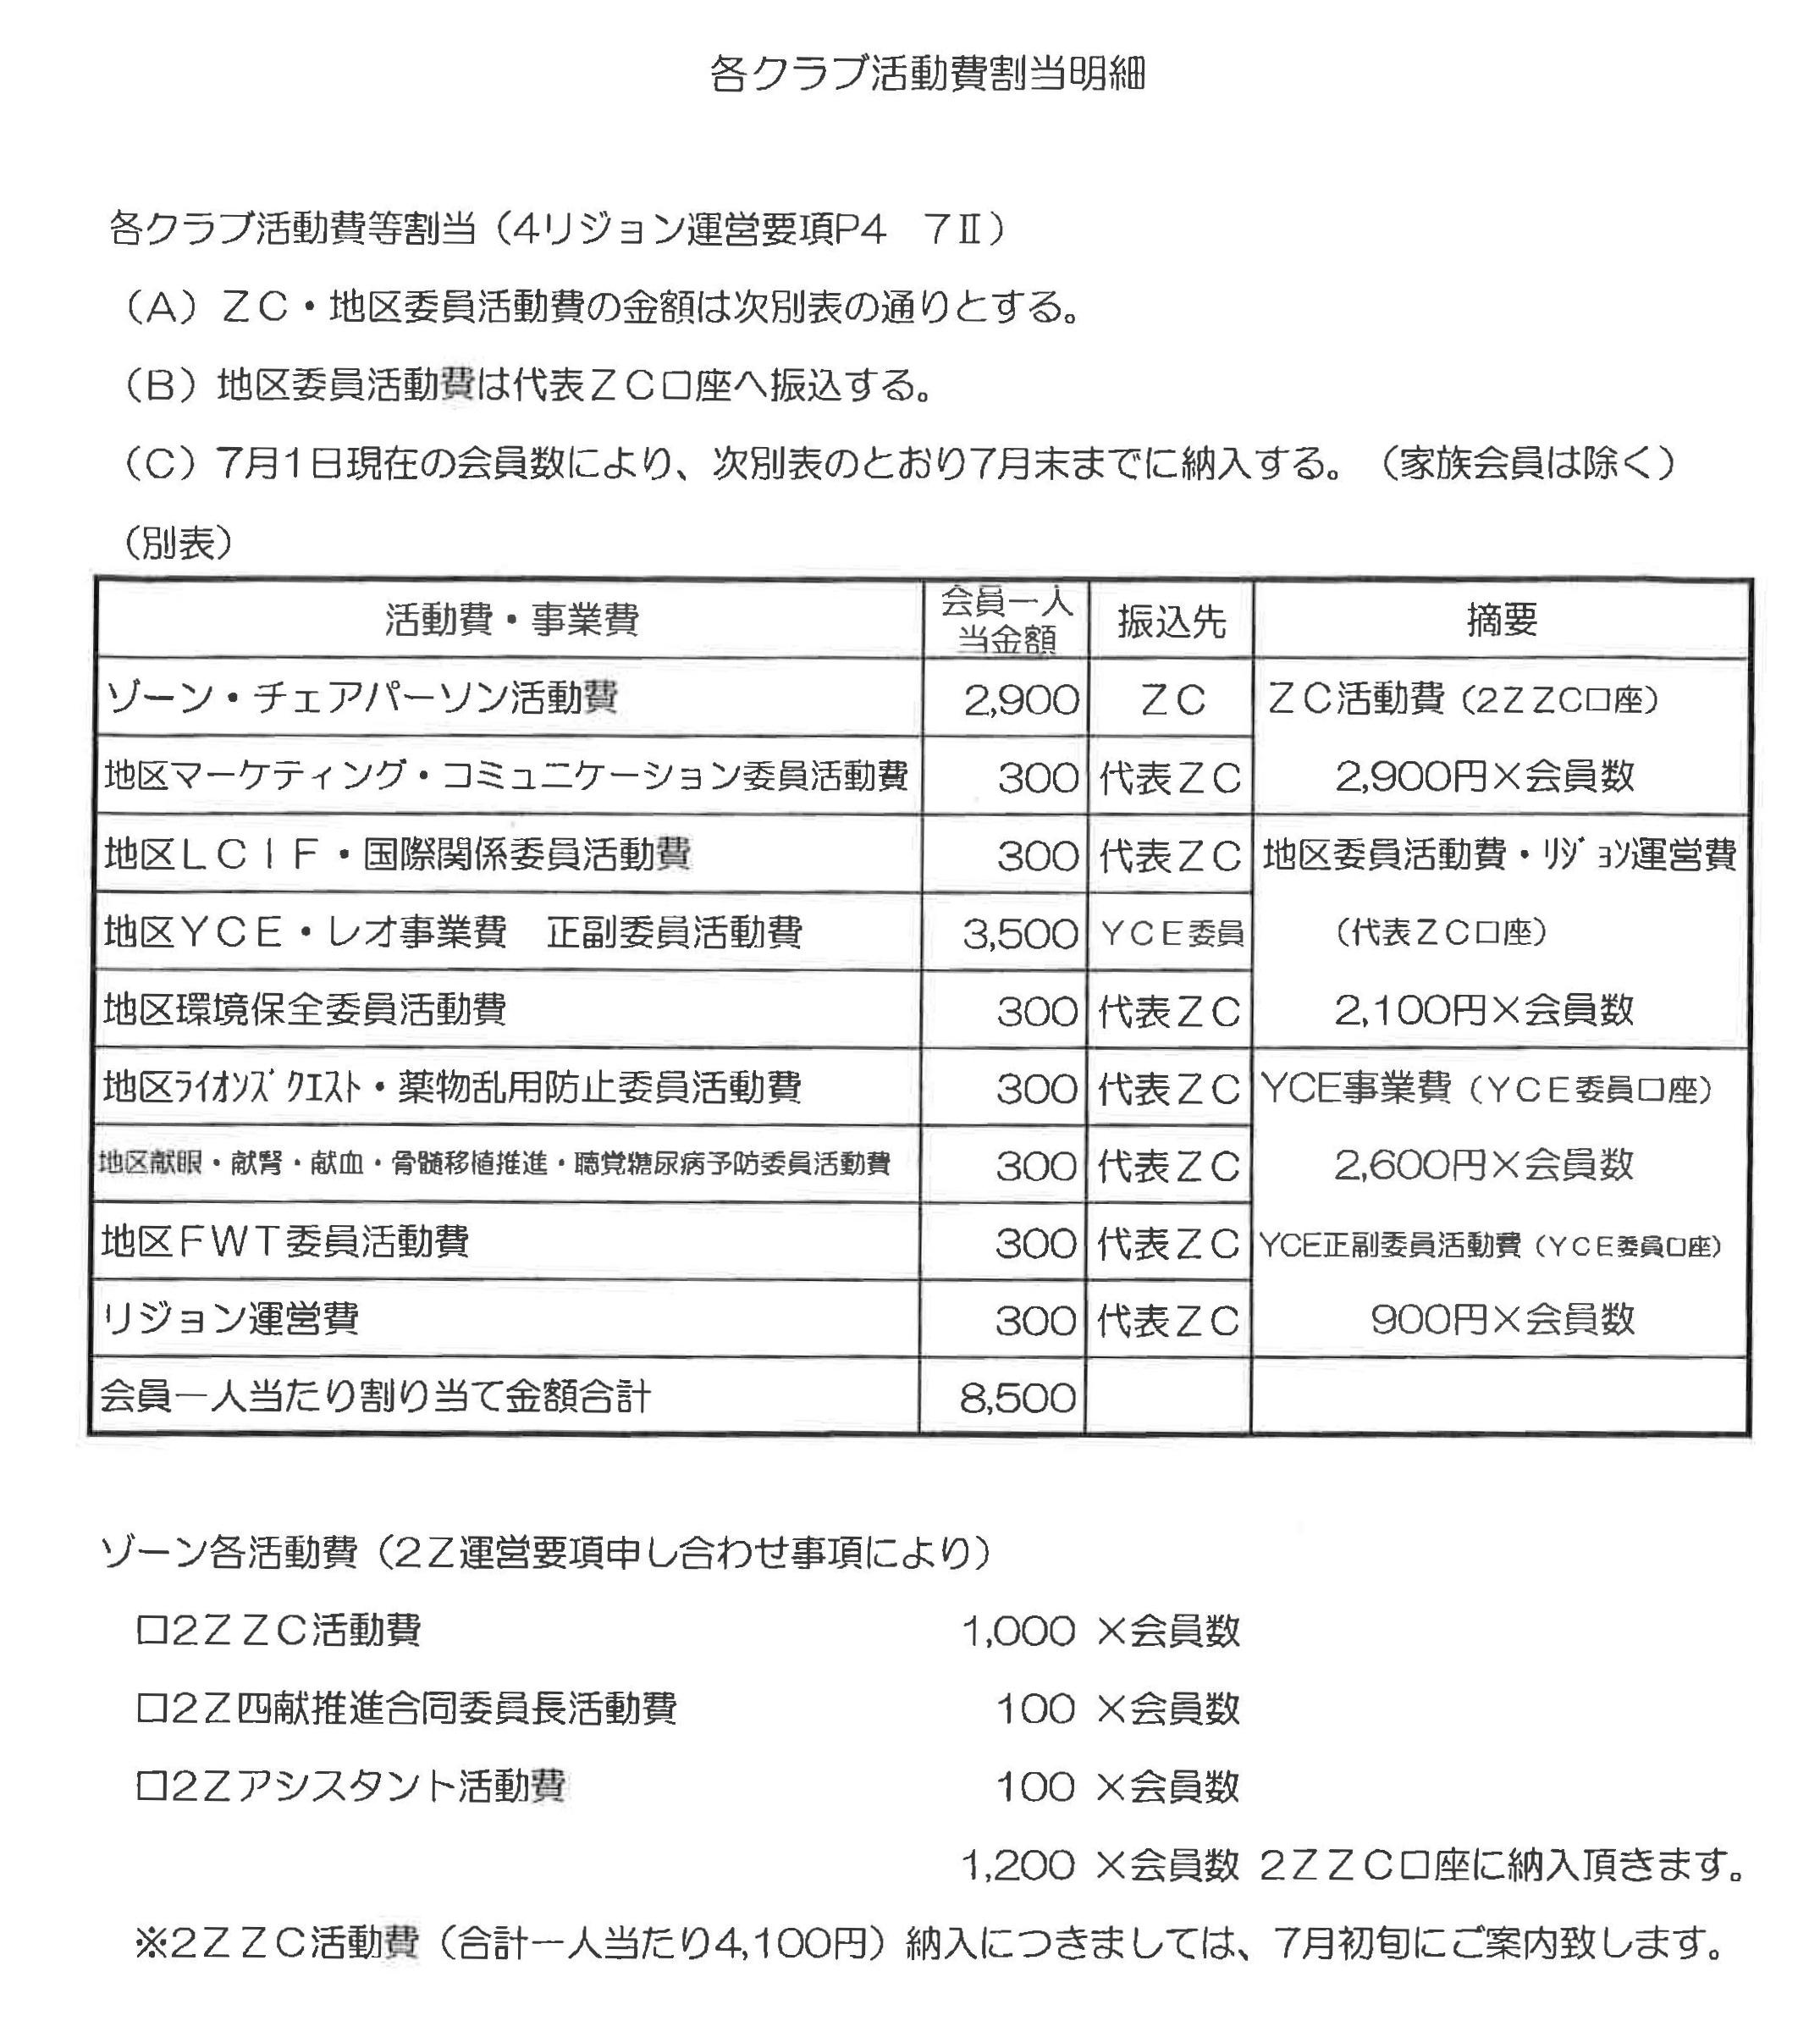 46準備ゾーン会議 各クラブ活動費割当明細1